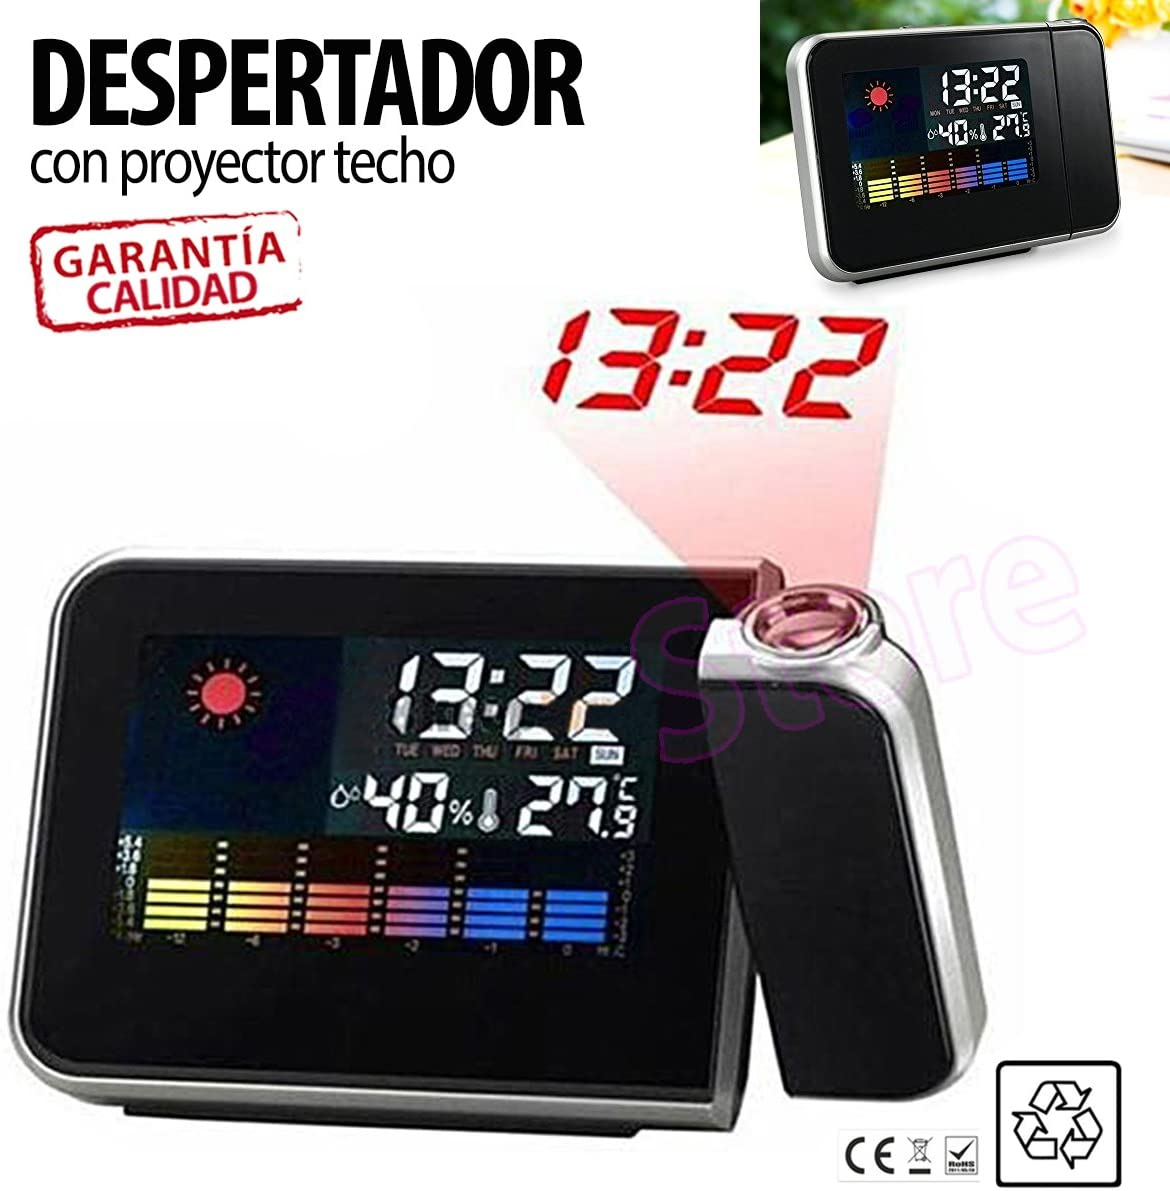 Reloj Despertador con Proyector LED para pared techo TiendaStore ...